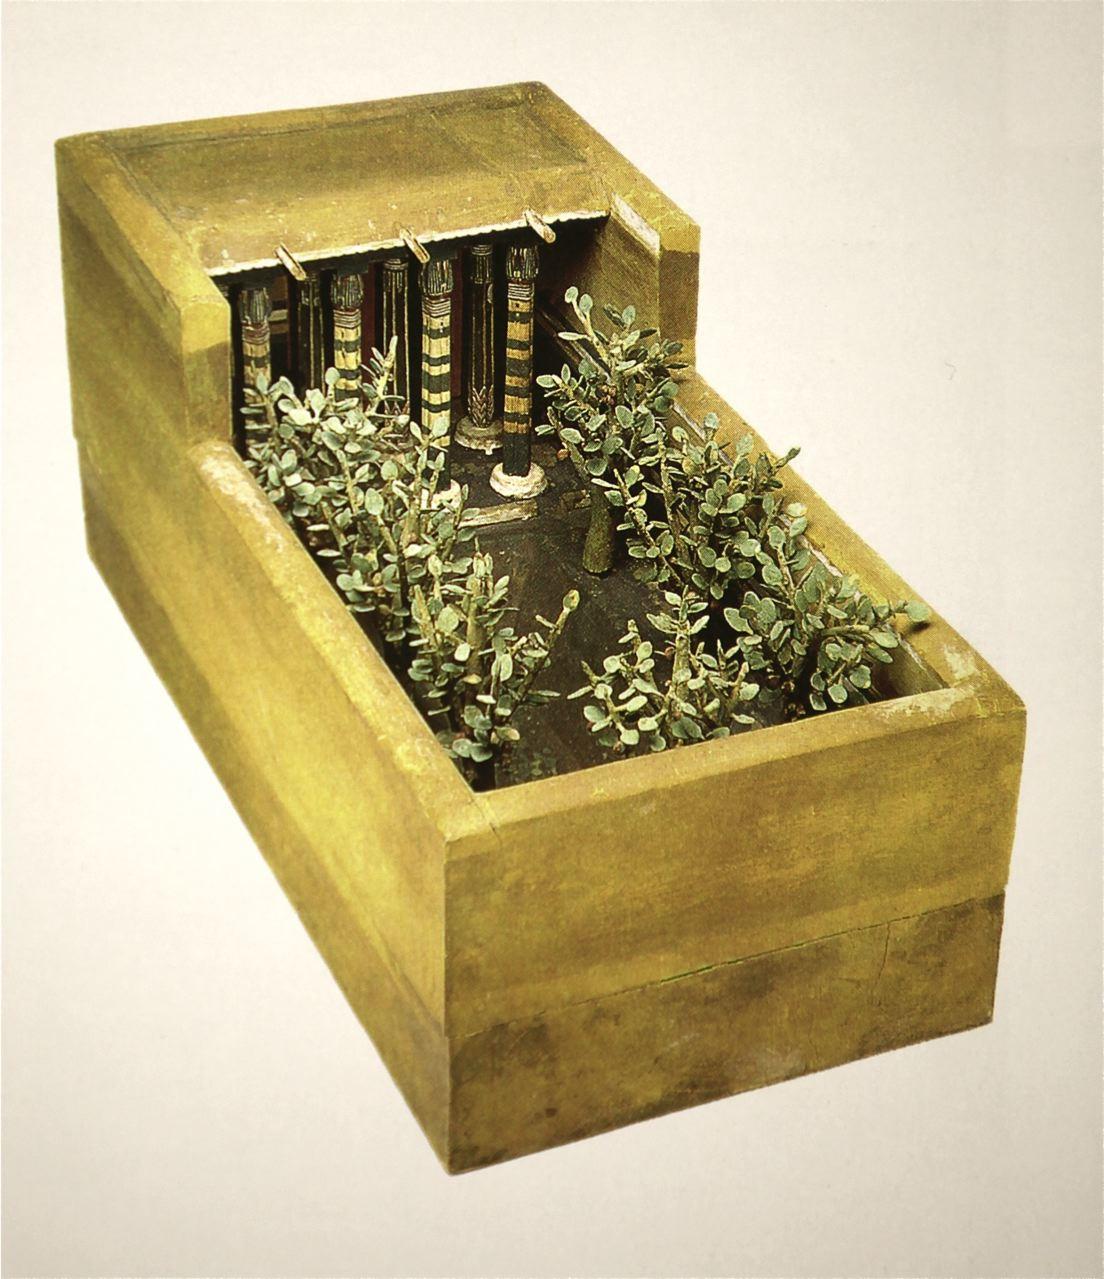 Historia del jard n en la antig edad egipto paisajistas for Maquetas de jardines